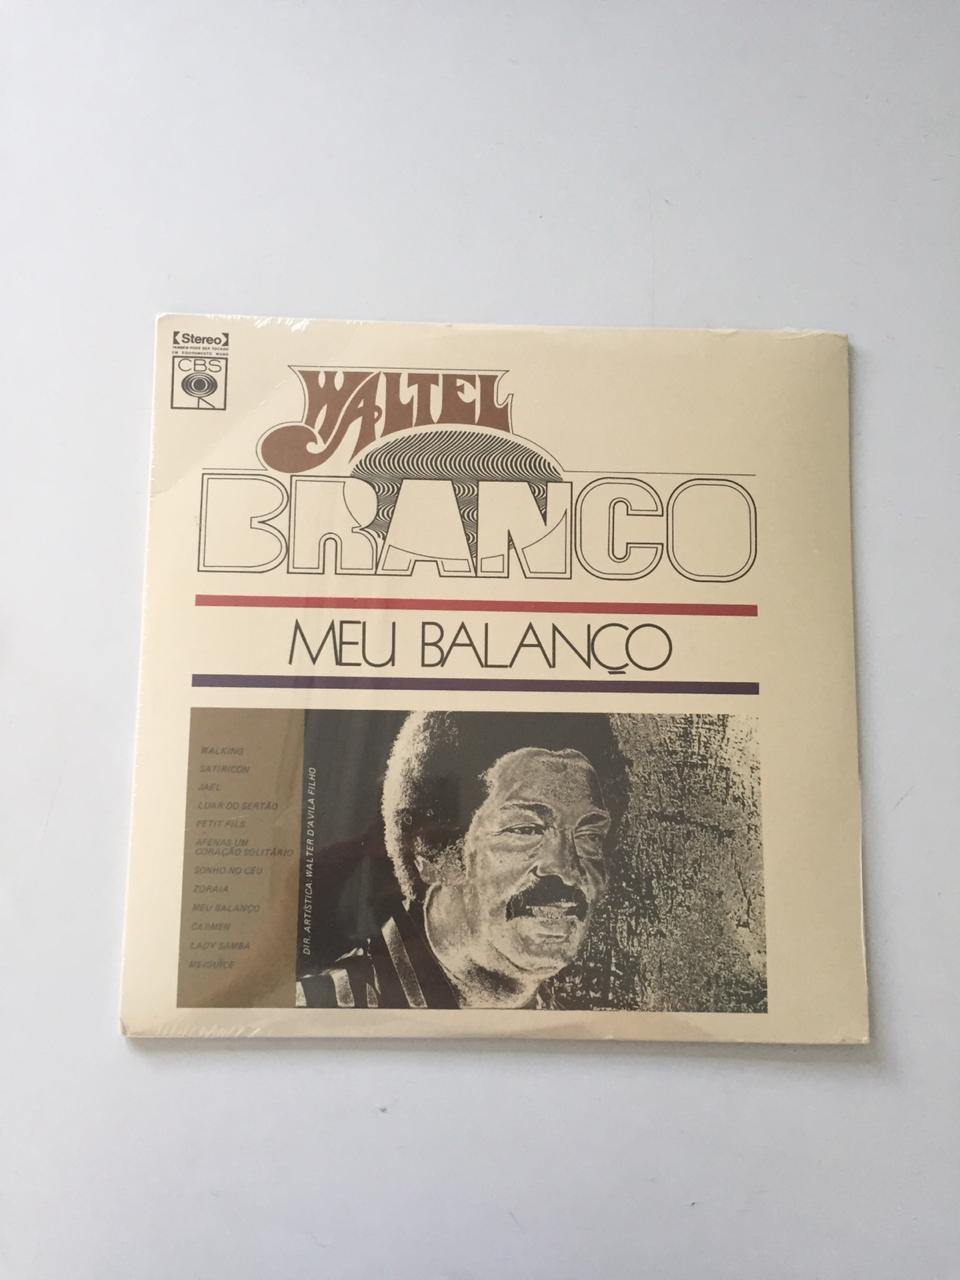 Lp Vinil Waltel Branco Meu Balanço CAPA AMASSADA